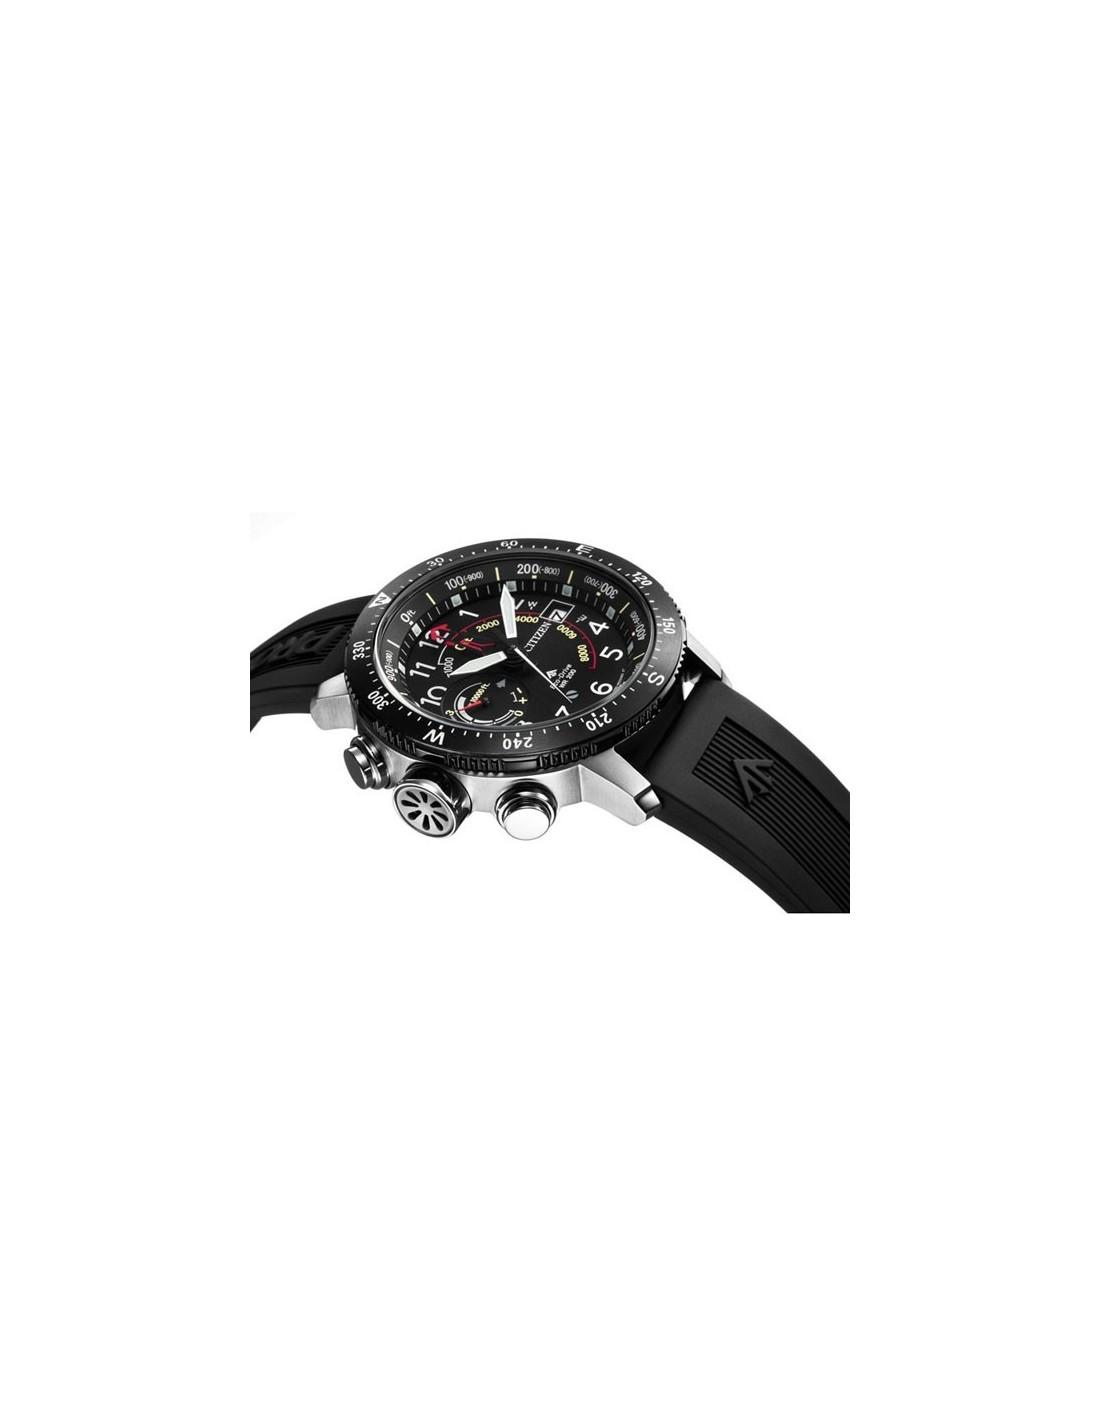 ... Citizen Eco-Drive Promaster Altichron 47MM Watch BN4044-15E c98482fe1